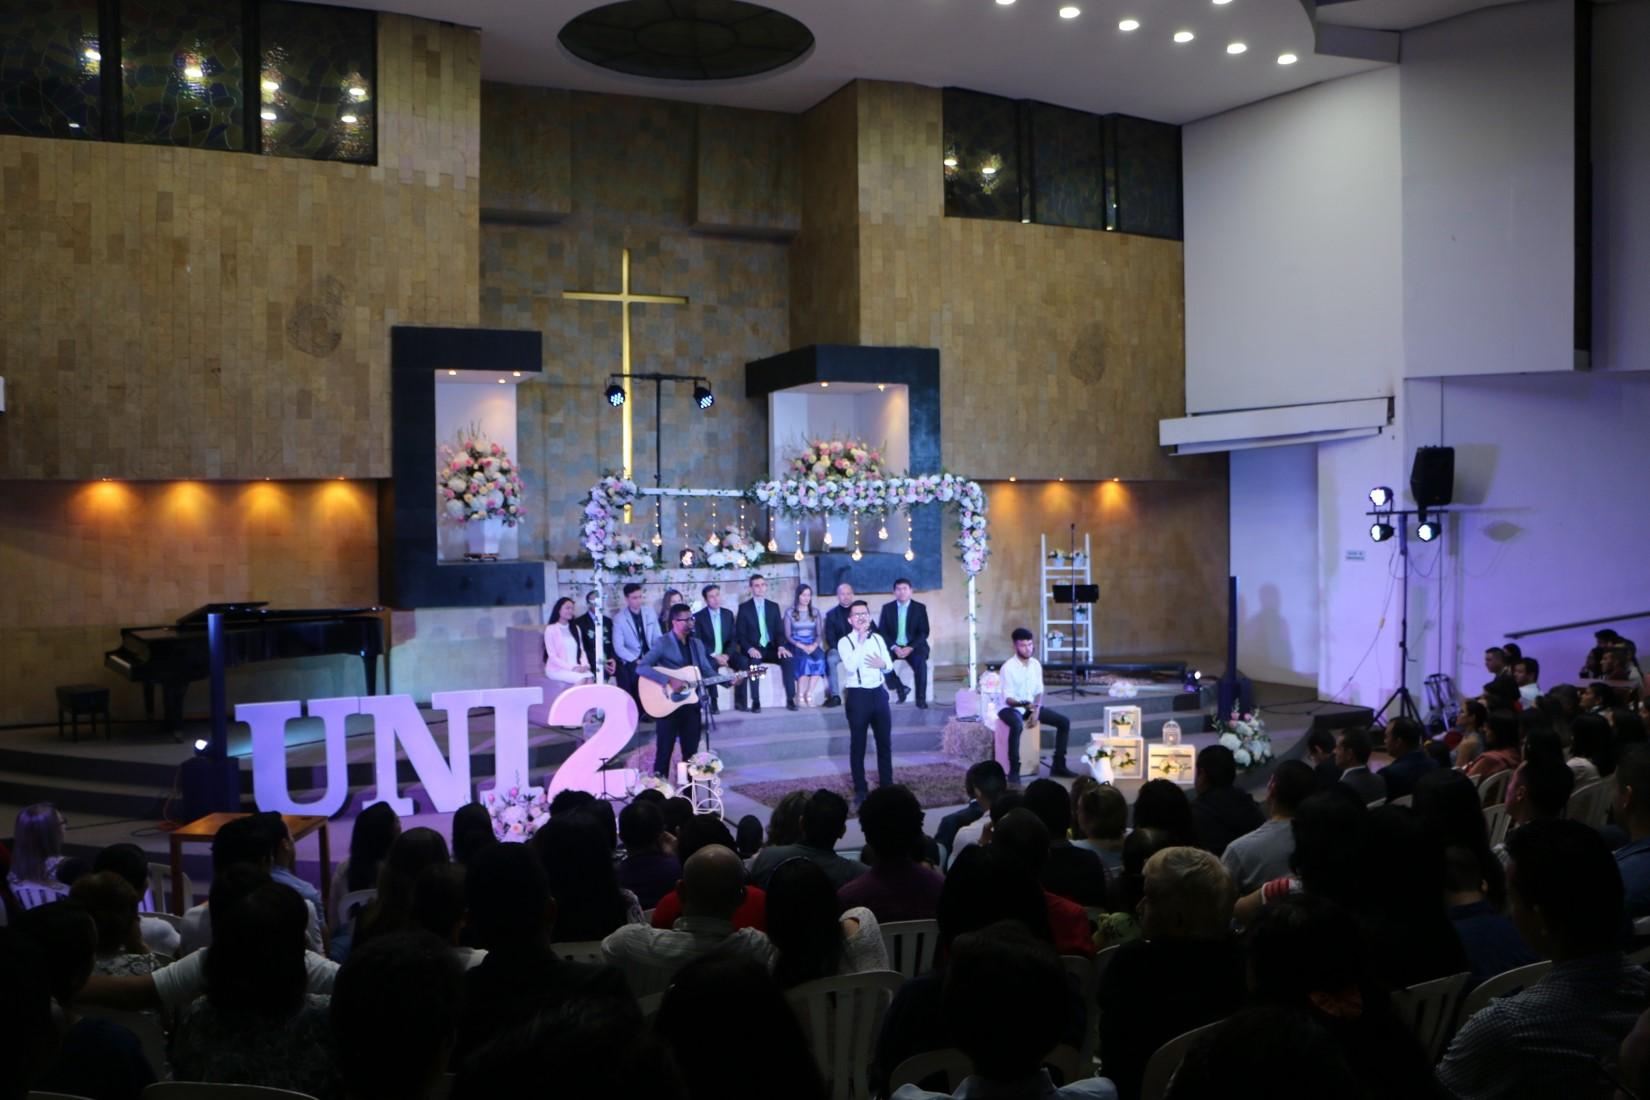 El concierto, que se realizó en la Iglesia de la Universidad Adventista de Colombia el pasado 18 de noviembre, contó con la participación de varios músicos adventistas entre ellos el cuarteto vocal Sabbath, Zion, Angeluz, la solista Mónica Ospina, José Cardozo, Cristian Arguello, Jeirsson Vargas, entre otros ministerios.